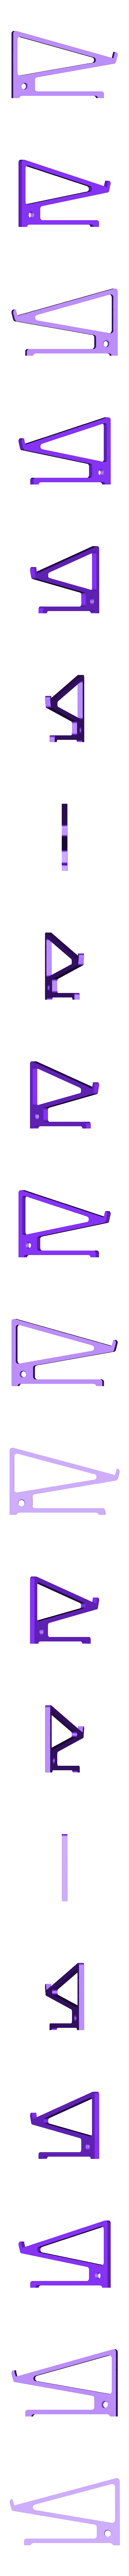 compuerstand.stl Télécharger fichier STL gratuit Support pour ordinateur portable avec support de mots-clés • Objet pour impression 3D, medmakes